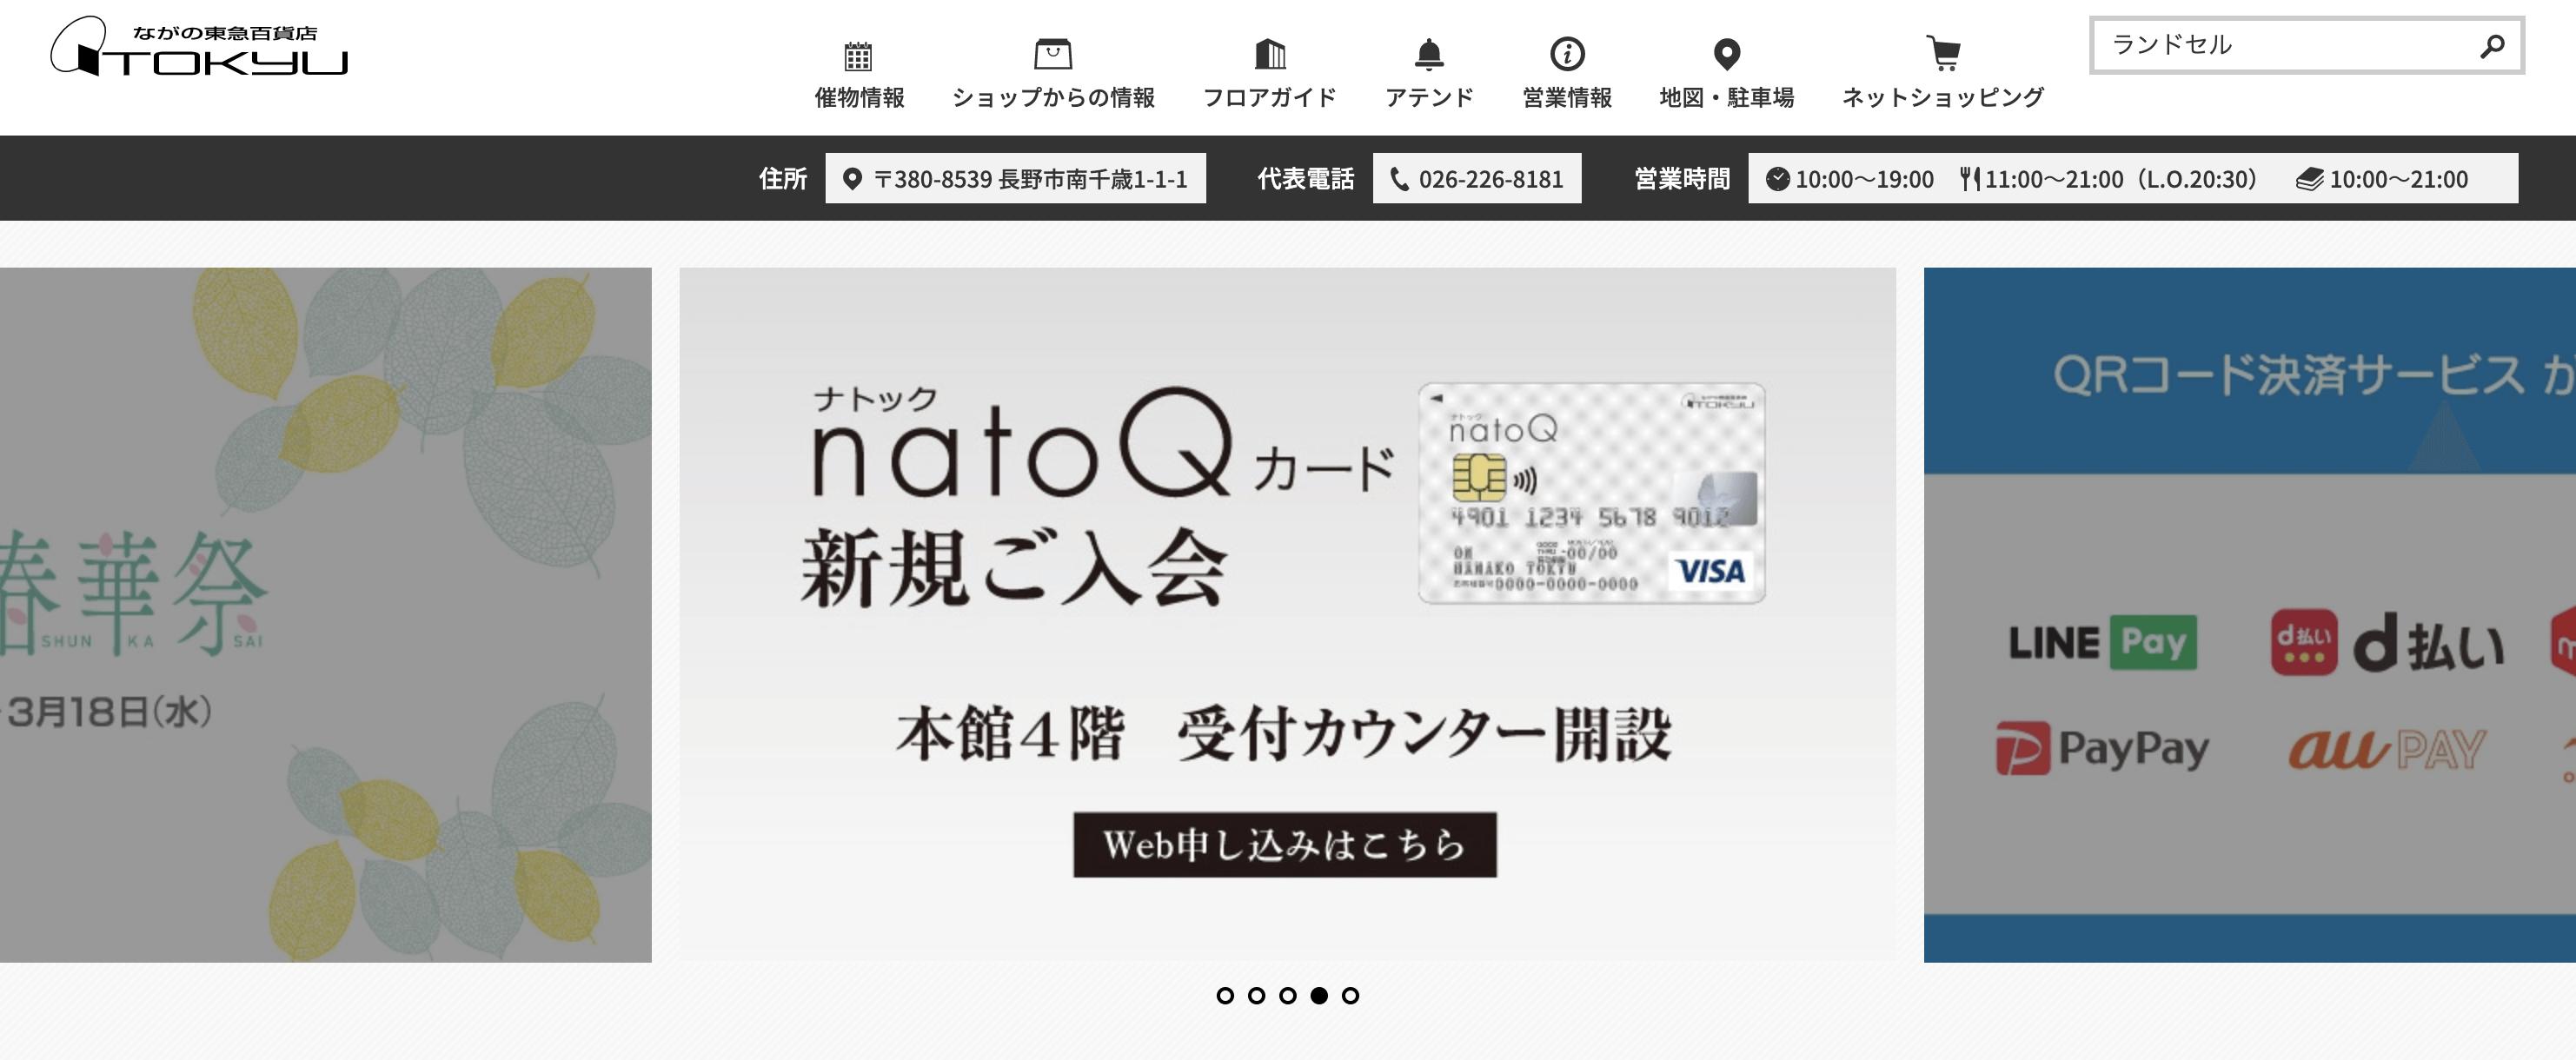 ながの東急百貨店の公式ページ